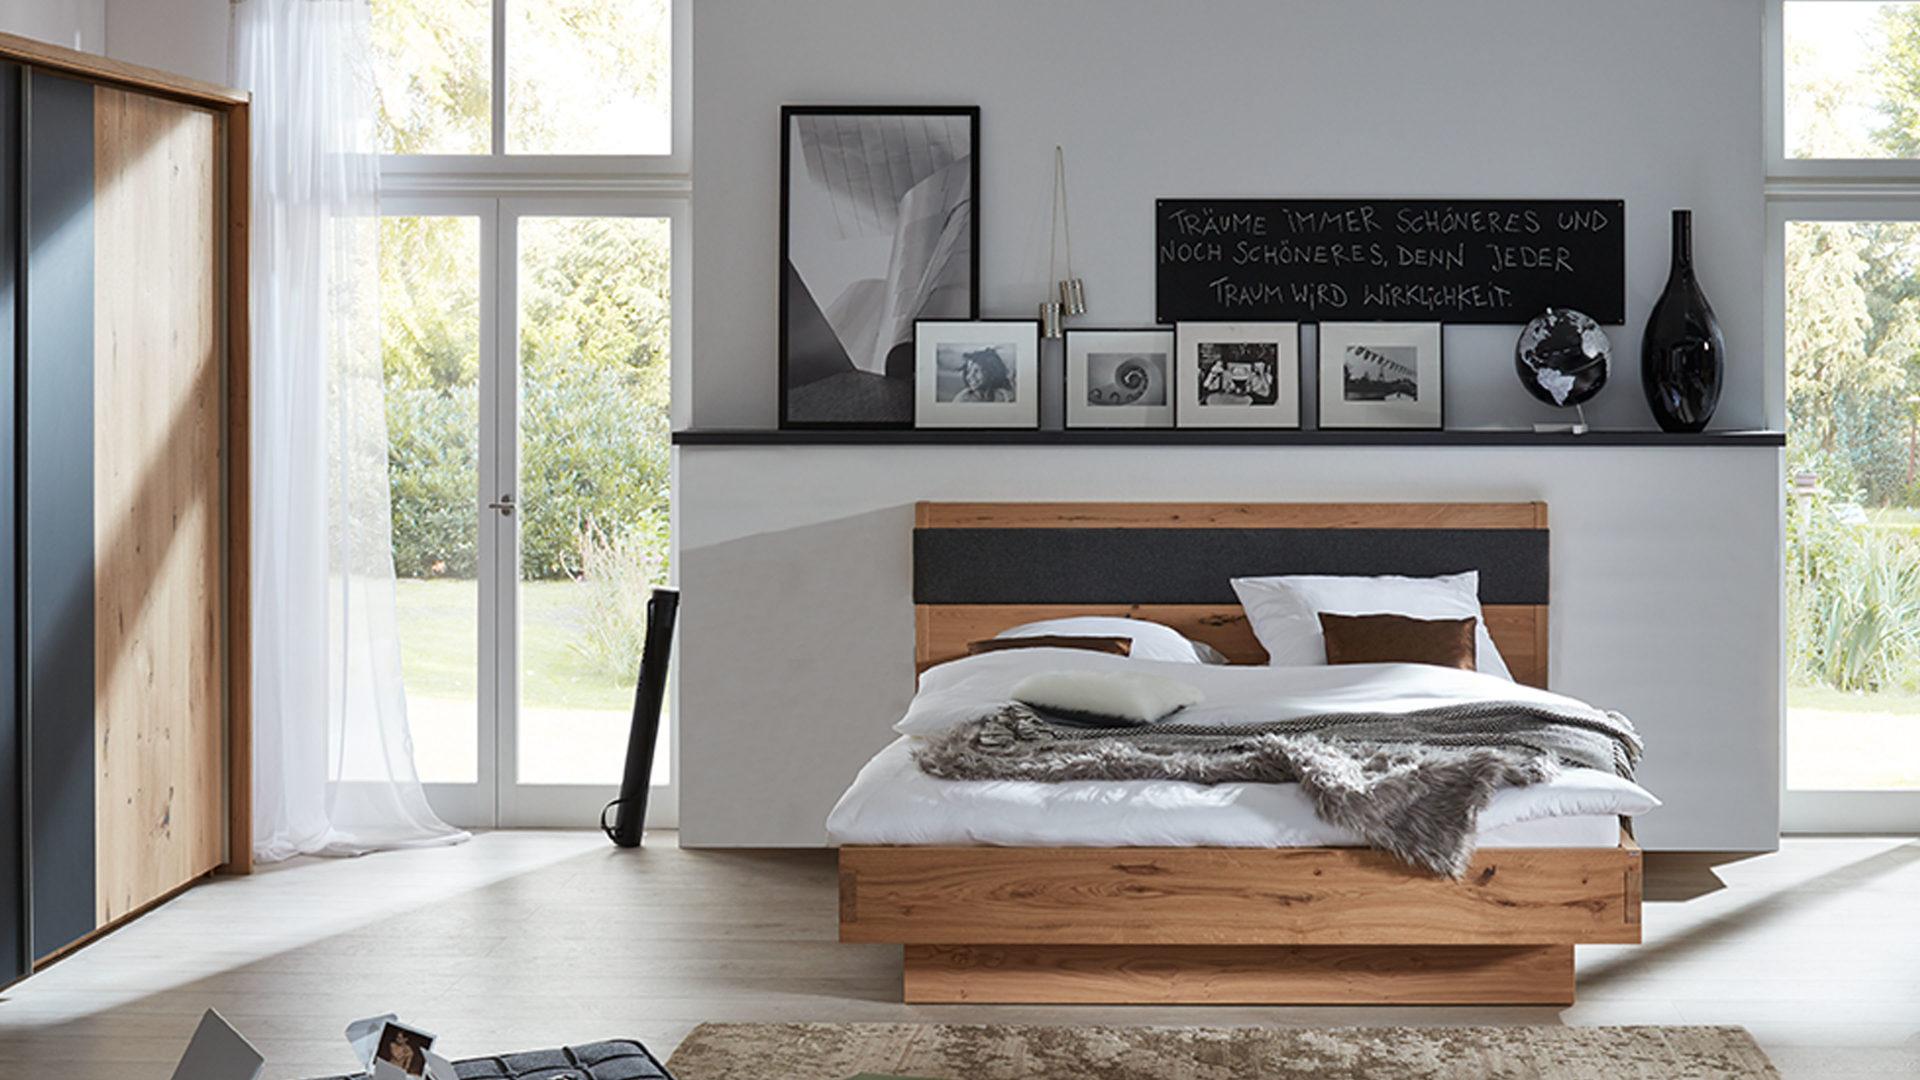 Interliving Schlafzimmer Serie 1004 – Bettgestell, Alteiche Rustiko &  basaltgrauer Lodenstoff – Liegefläche ca. 180 x 200 c